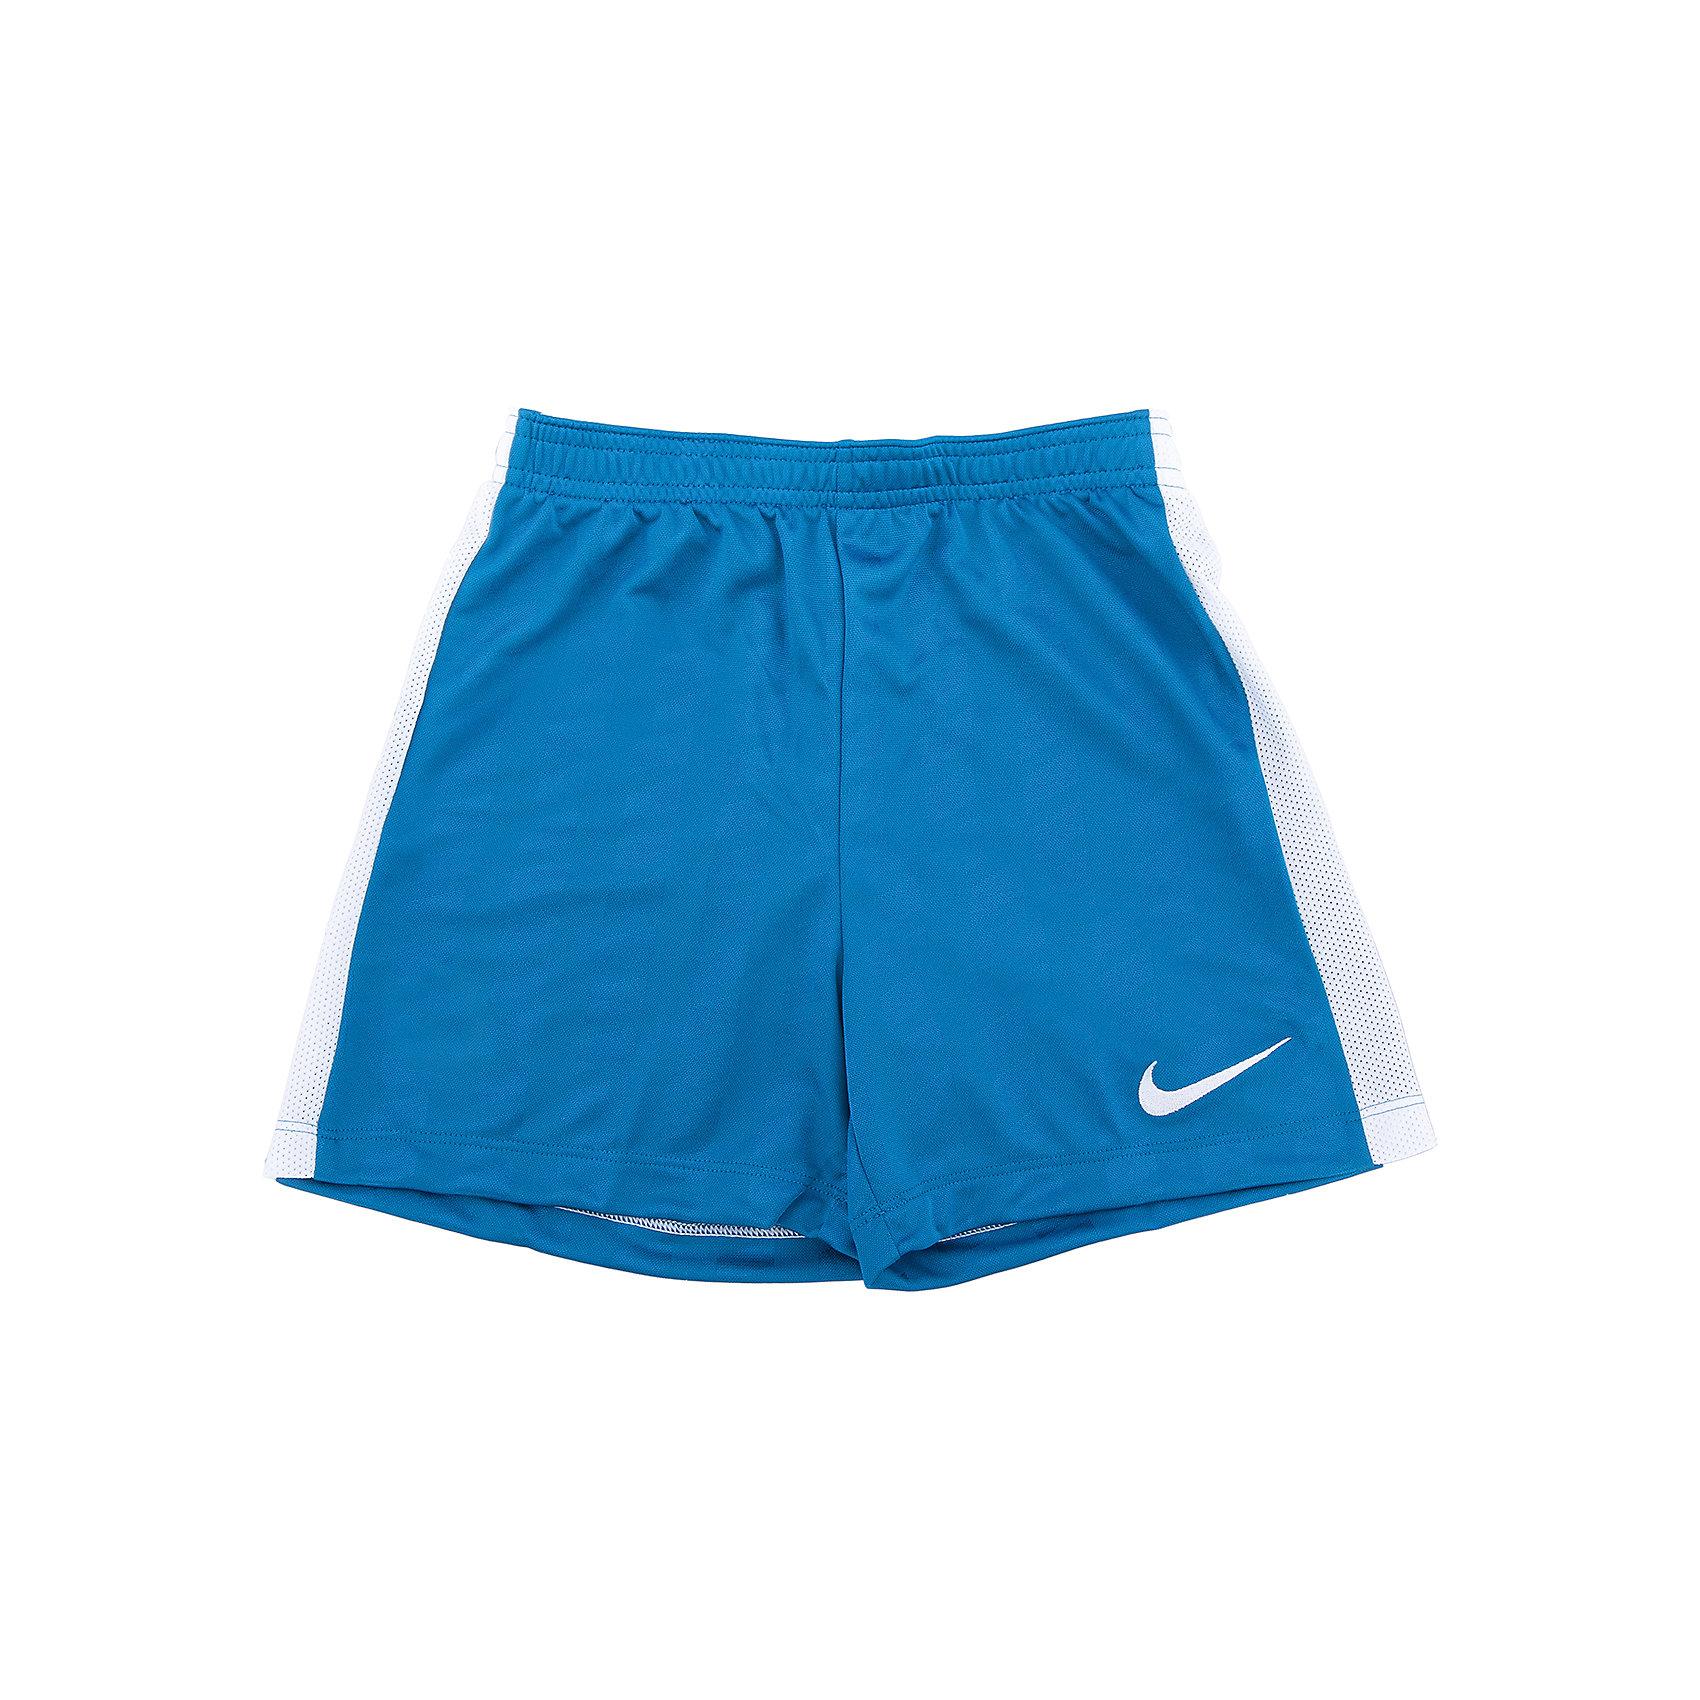 Шорты Nike Y NK Acdmy Short Jaq K,Шорты, бриджи, капри<br>Характеристики товара:<br><br>• цвет: голубой<br>• состав: 100% полиэстер<br>• шнурок в талии<br>• эластичный пояс<br>• мягкие швы не натирают<br>• страна бренда: США<br>• страна изготовитель: Индонезия<br><br>Спортивные шорты для мальчика от бренда Nike. Шорты для занятий футболом и другими видами активных спортивных игр.<br><br>Шорты NIKE (Найк) можно купить в нашем интернет-магазине.<br><br>Ширина мм: 191<br>Глубина мм: 10<br>Высота мм: 175<br>Вес г: 273<br>Цвет: голубой<br>Возраст от месяцев: 168<br>Возраст до месяцев: 180<br>Пол: Мужской<br>Возраст: Детский<br>Размер: 158/170,122/128,128/134,135/140,147/158<br>SKU: 6758830